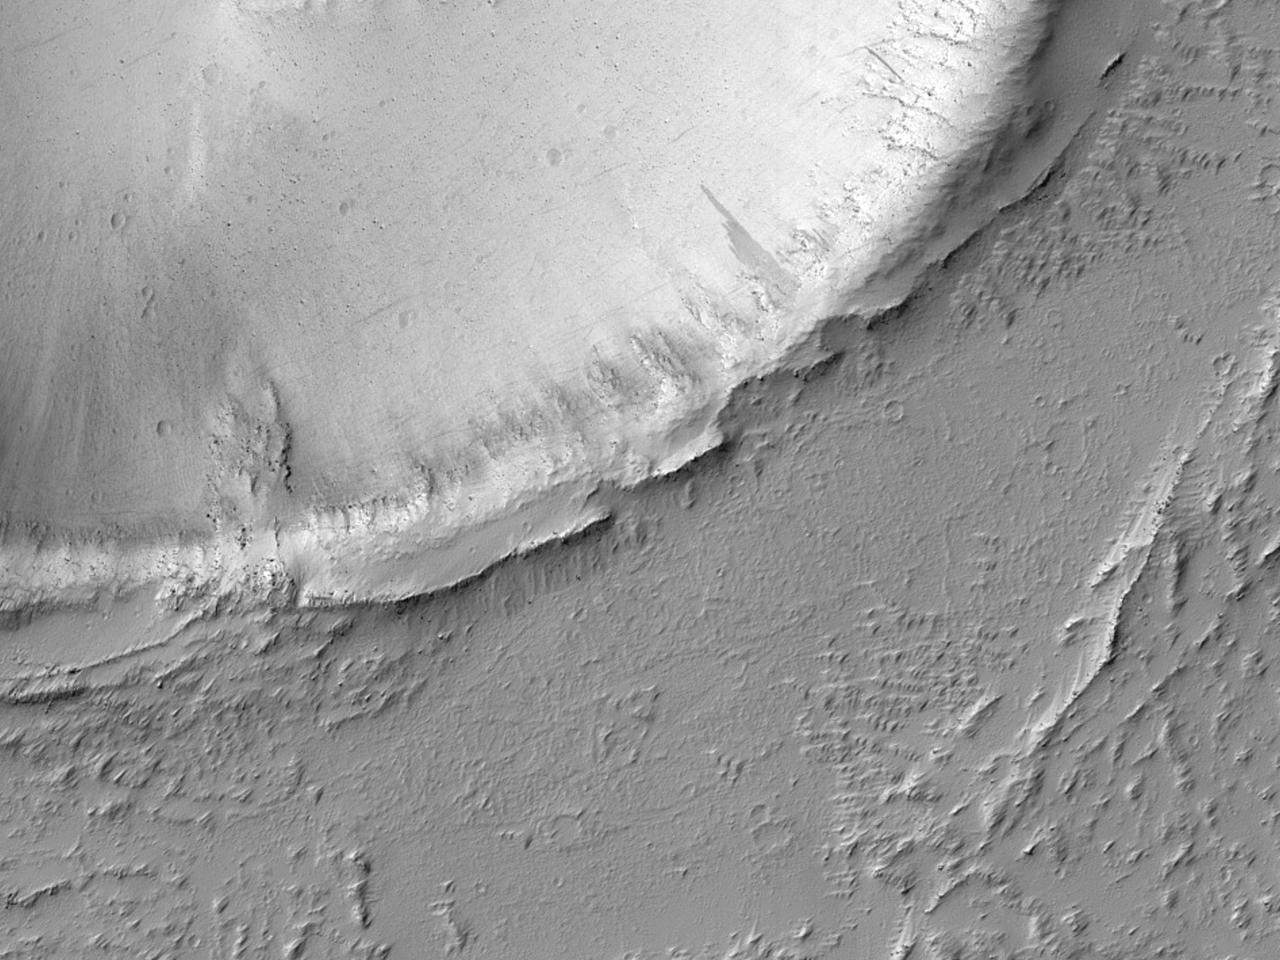 Потоки по стенке кратера к западу отканьонаEchus Chasma